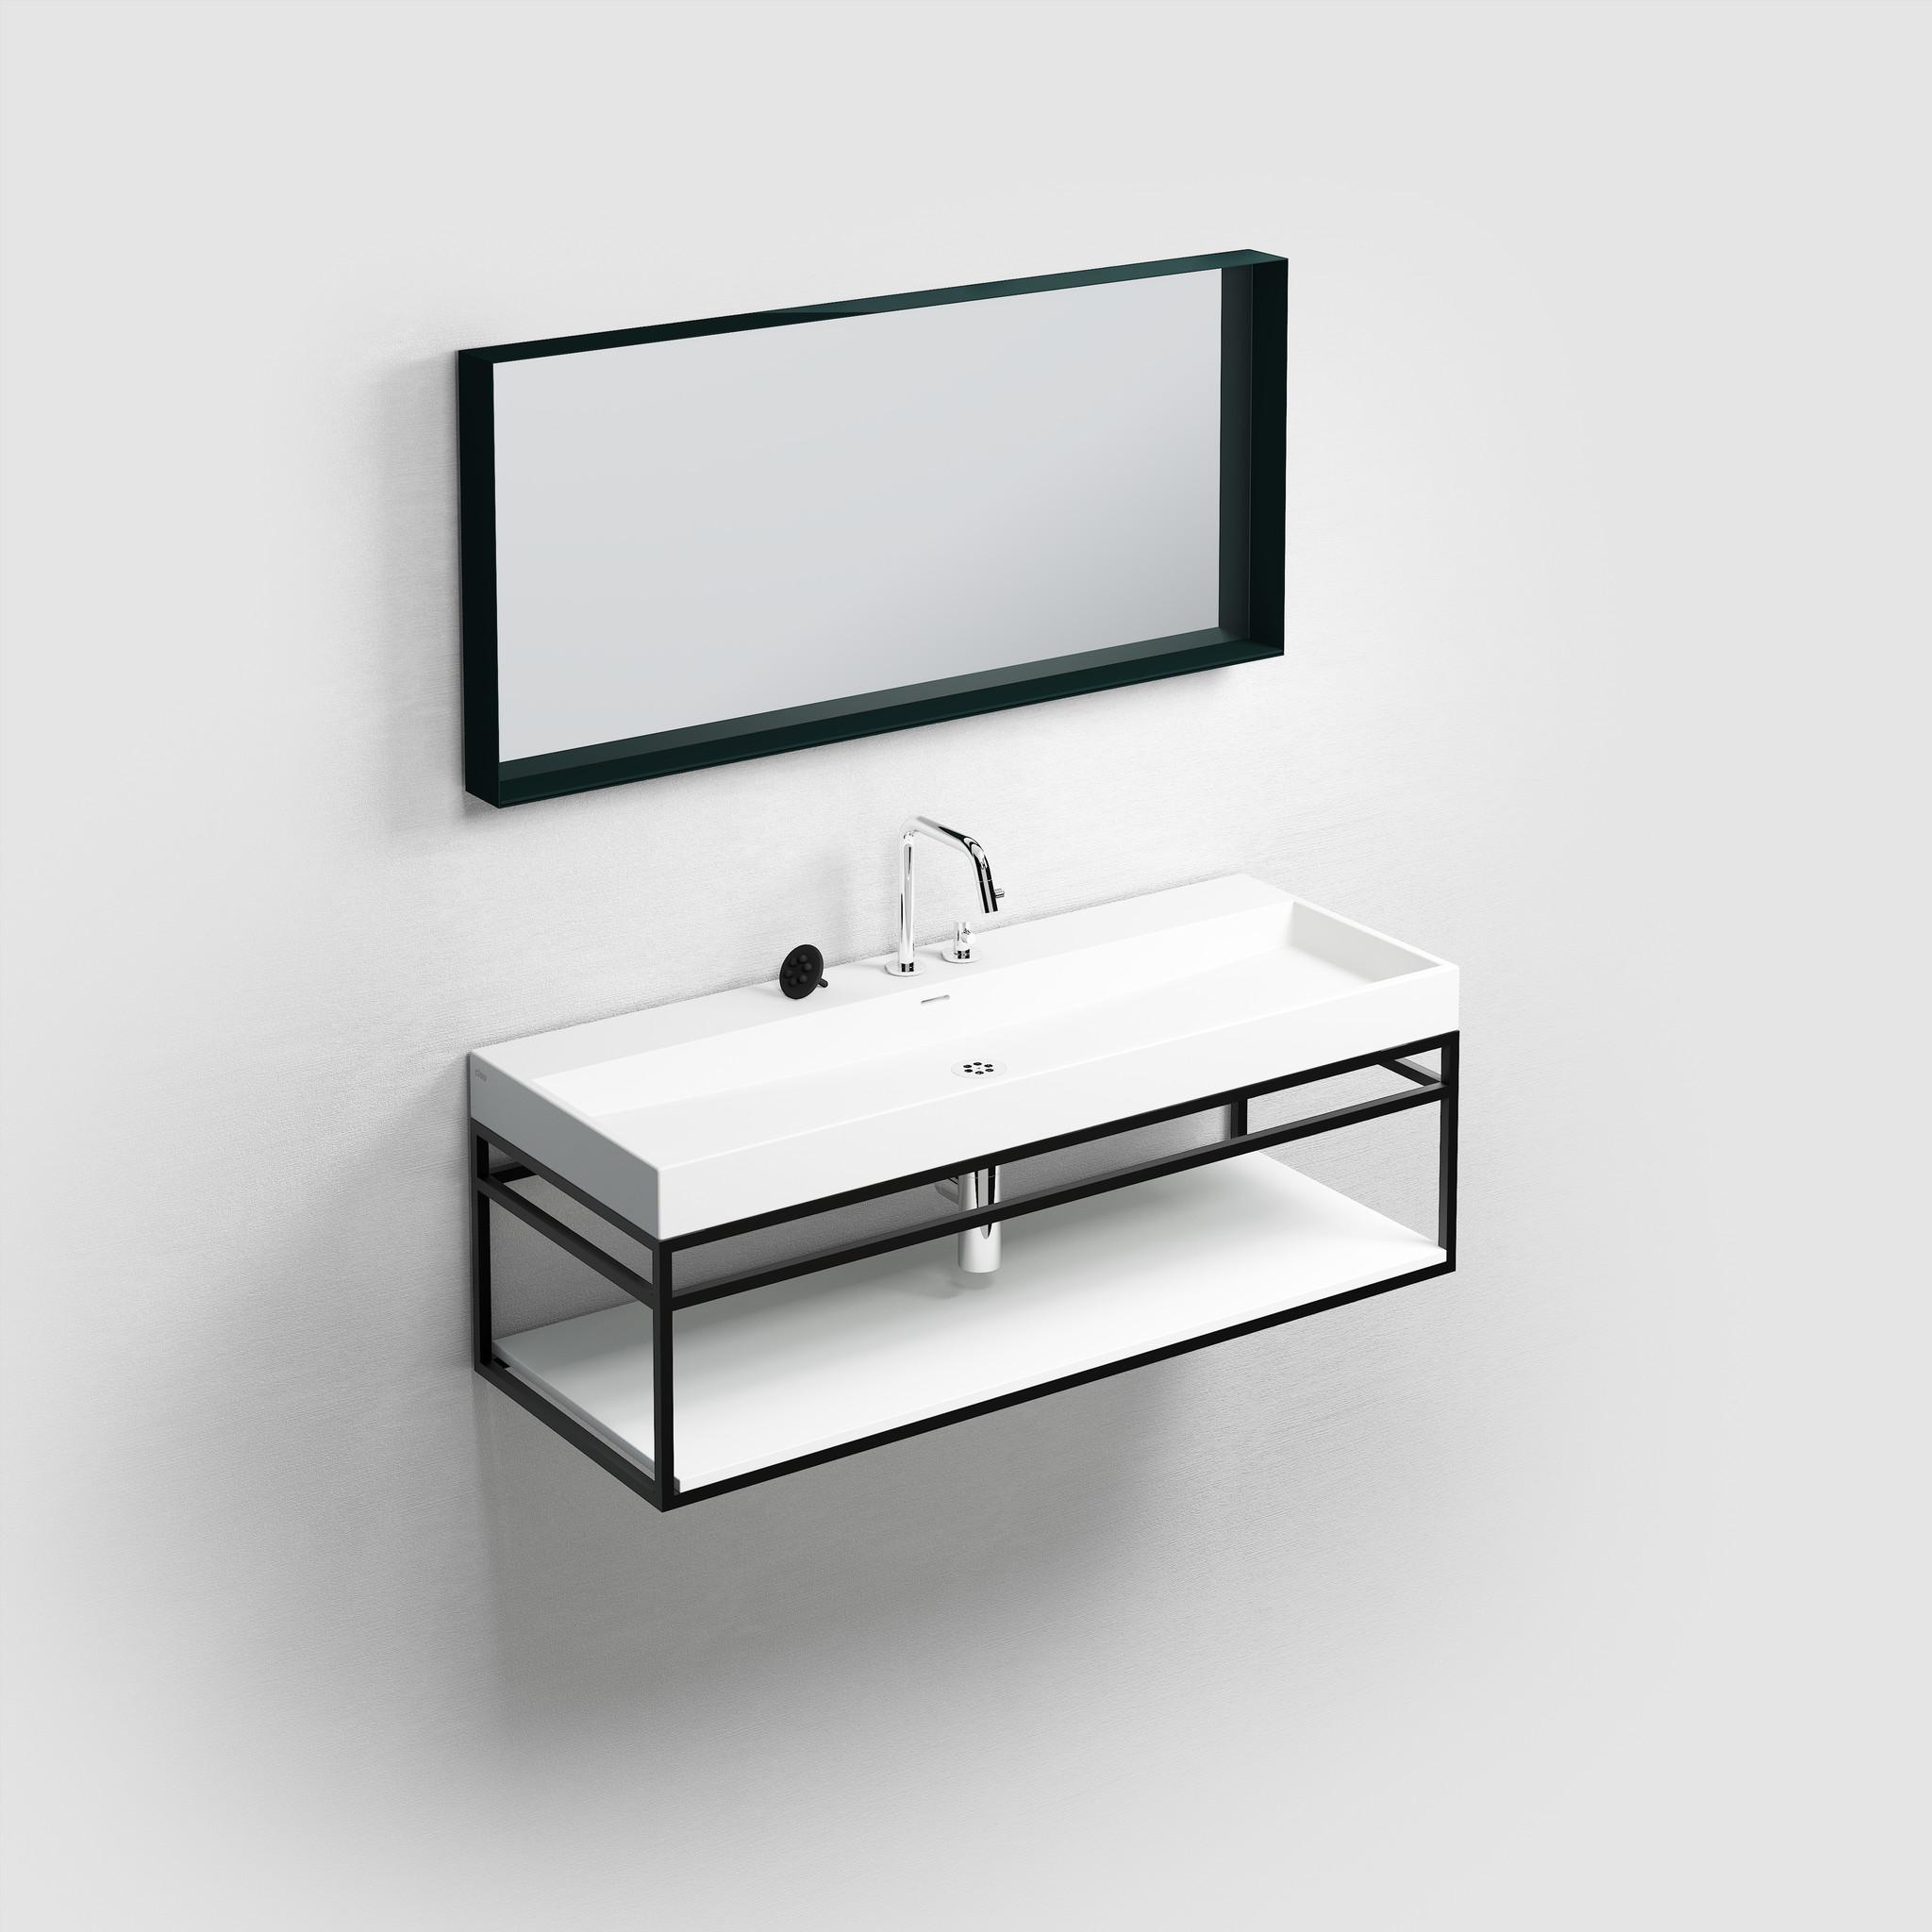 Frame inleg planchet 107 cm voor (New) Wash Me